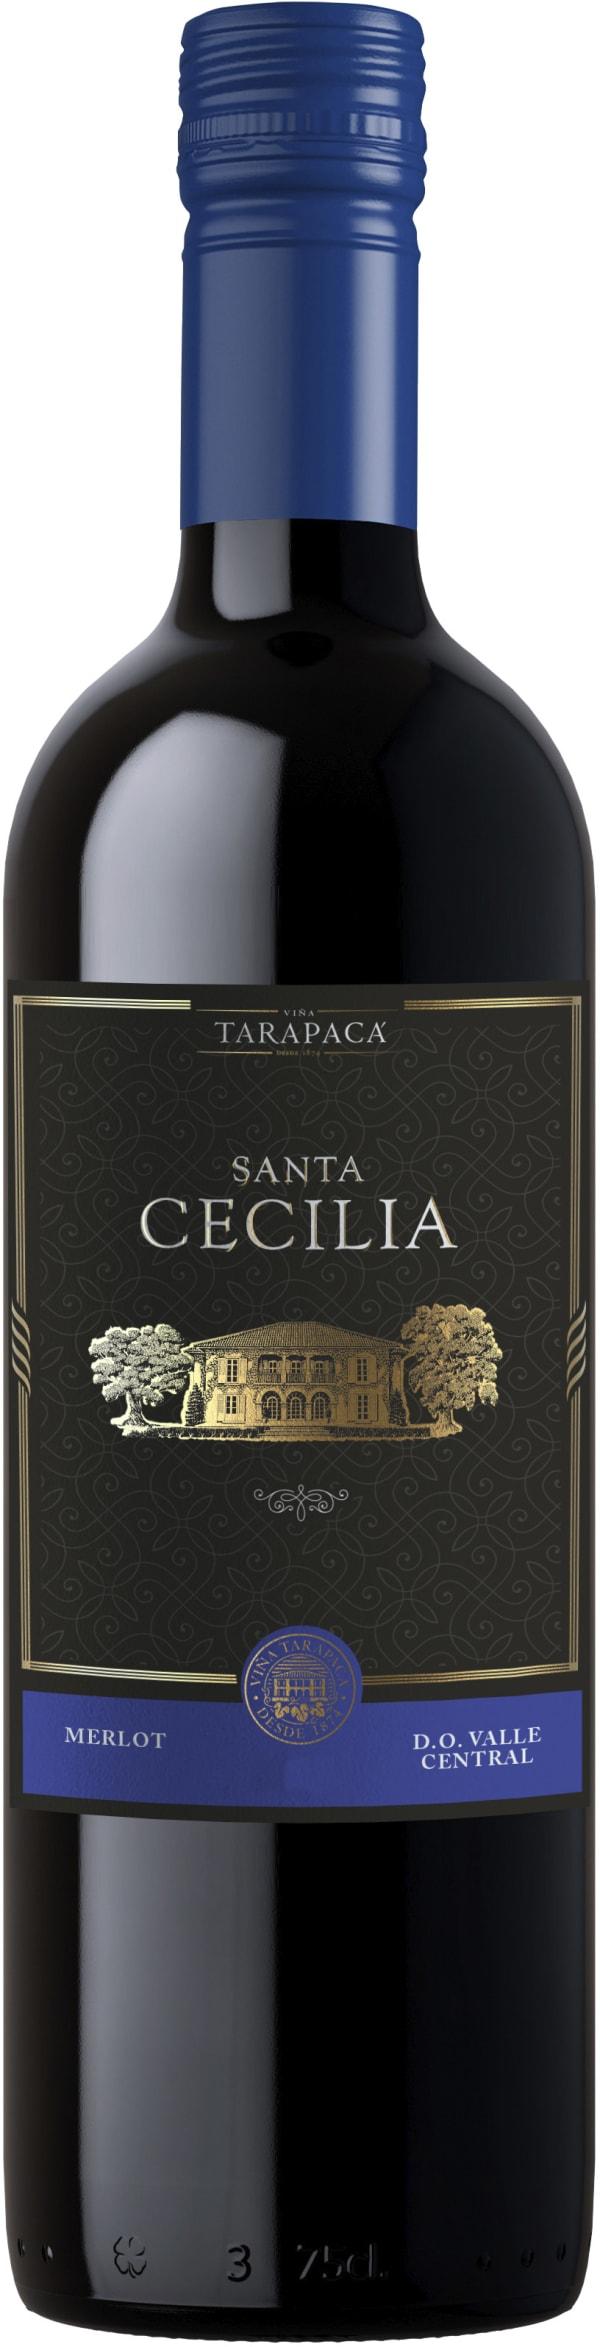 Tarapacá Santa Cecilia Merlot 2017